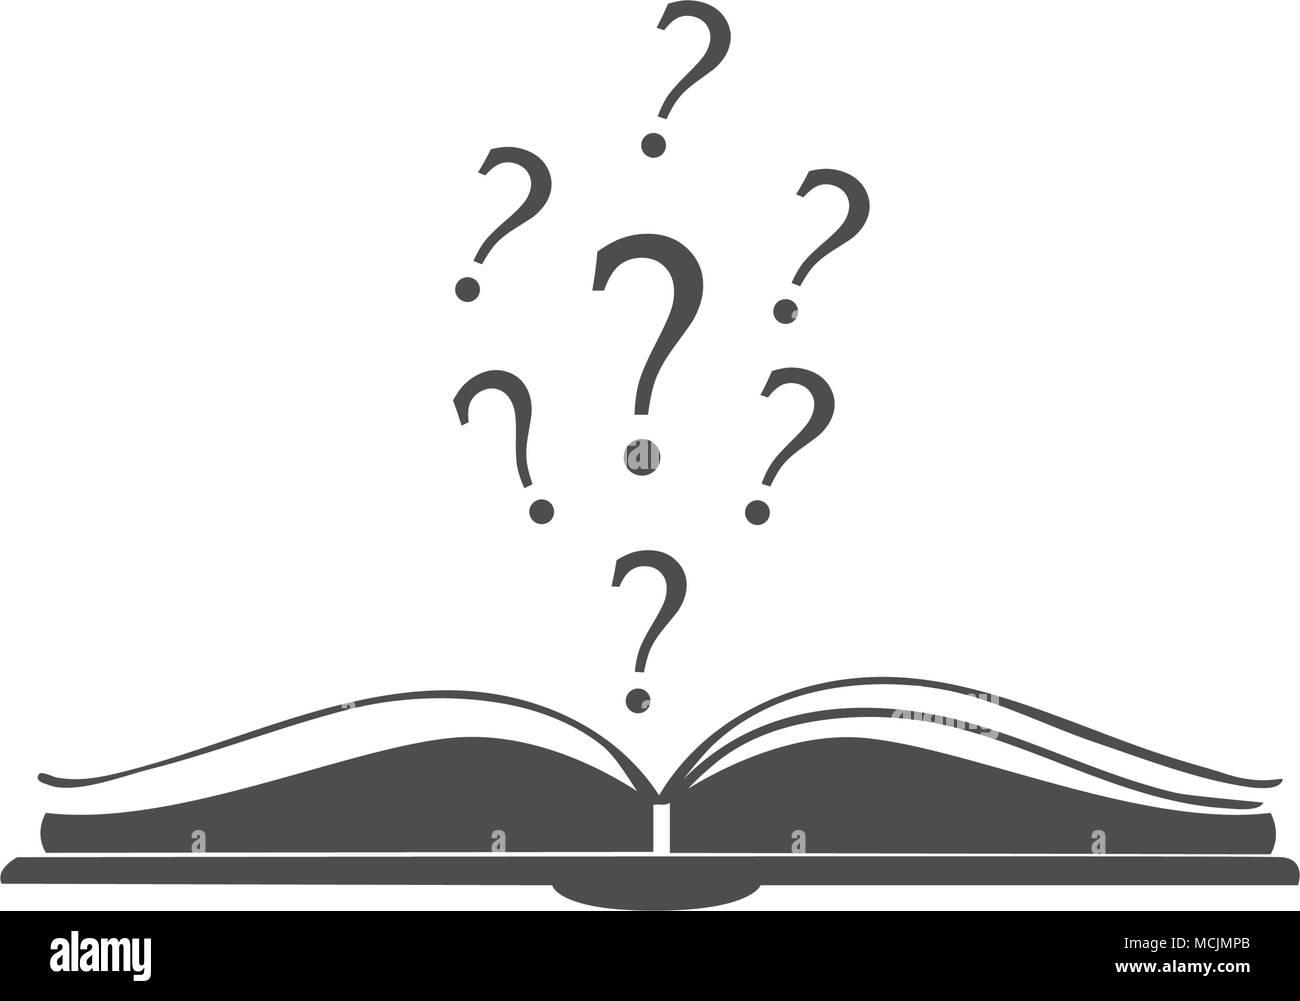 Icone Livre Ouvert Avec Des Points D Interrogation Au Dessus